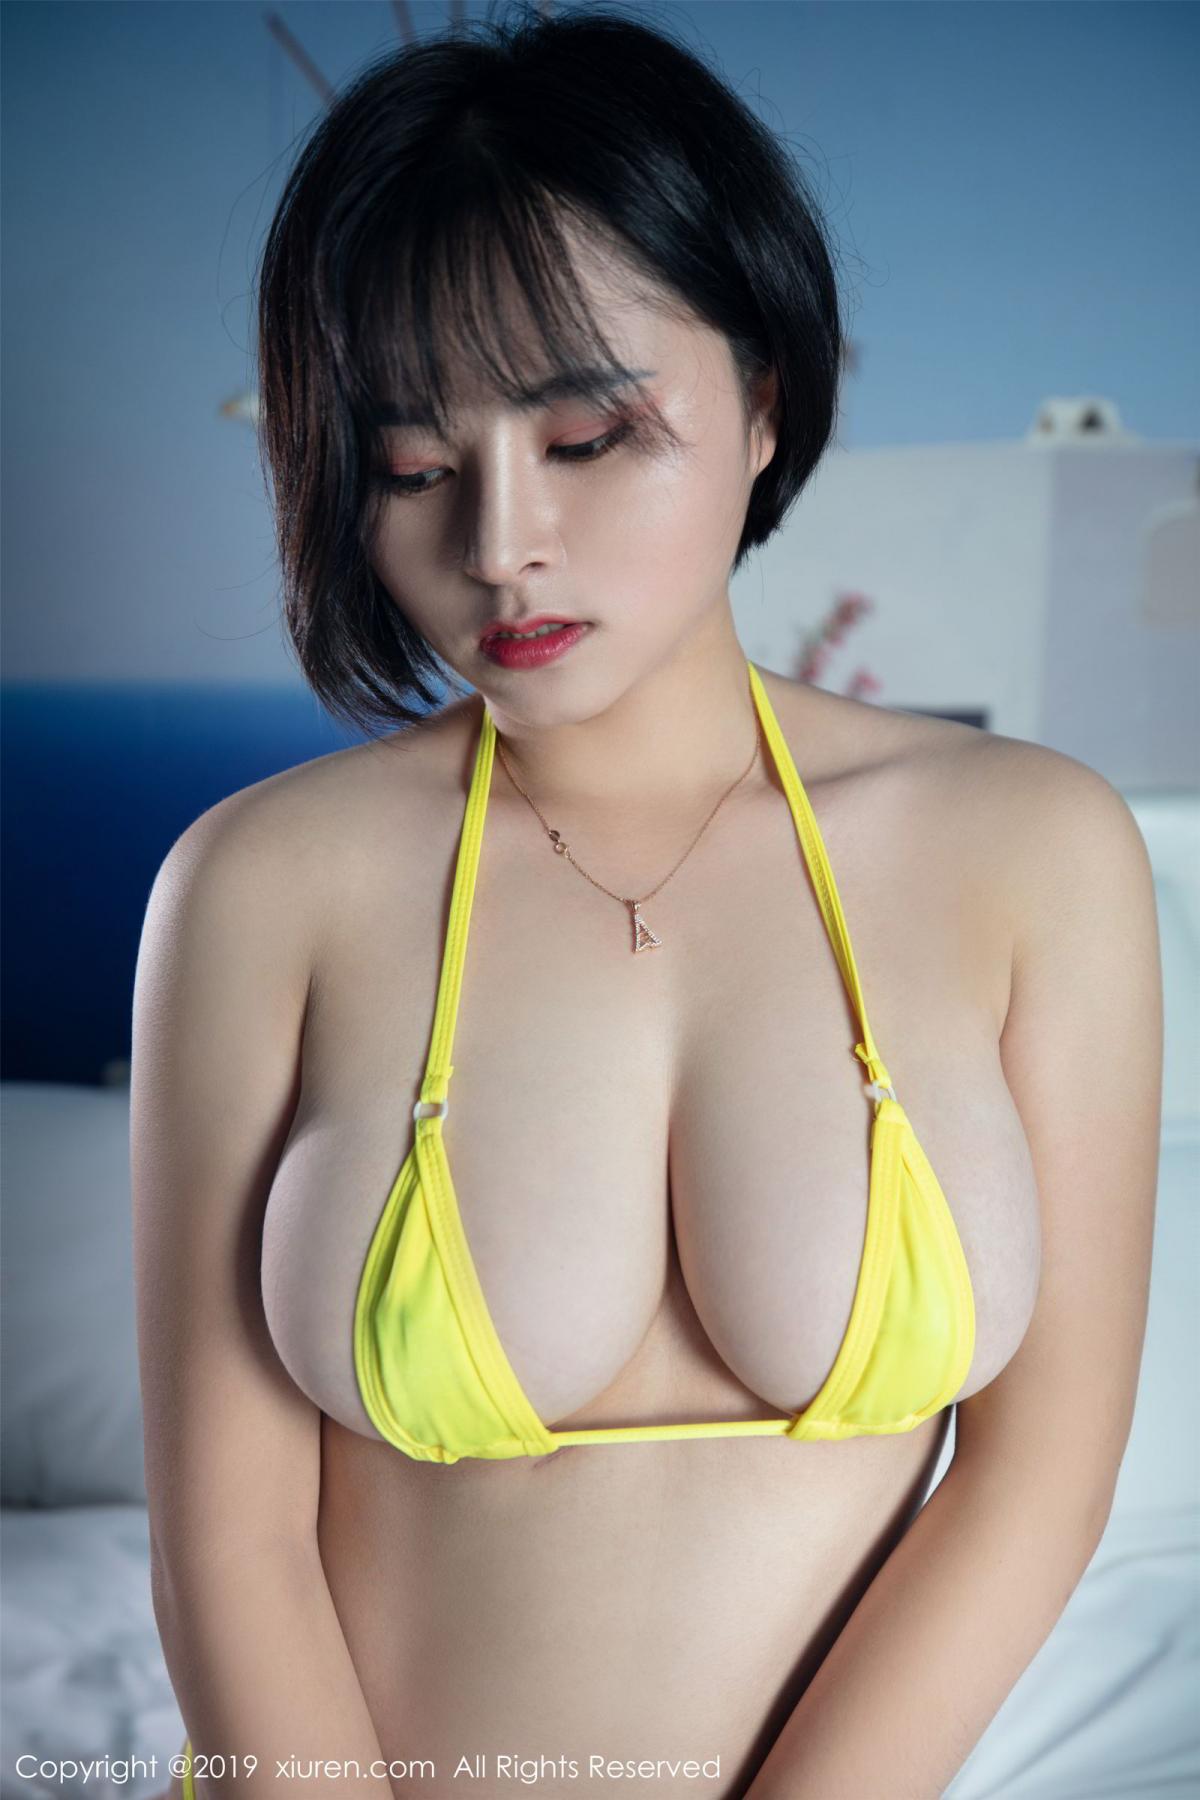 [XiuRen] Vol.1531 Yu Xi Bao Bao 50P, Sisters, Underwear, Xiuren, Yu Xi Bao Bao